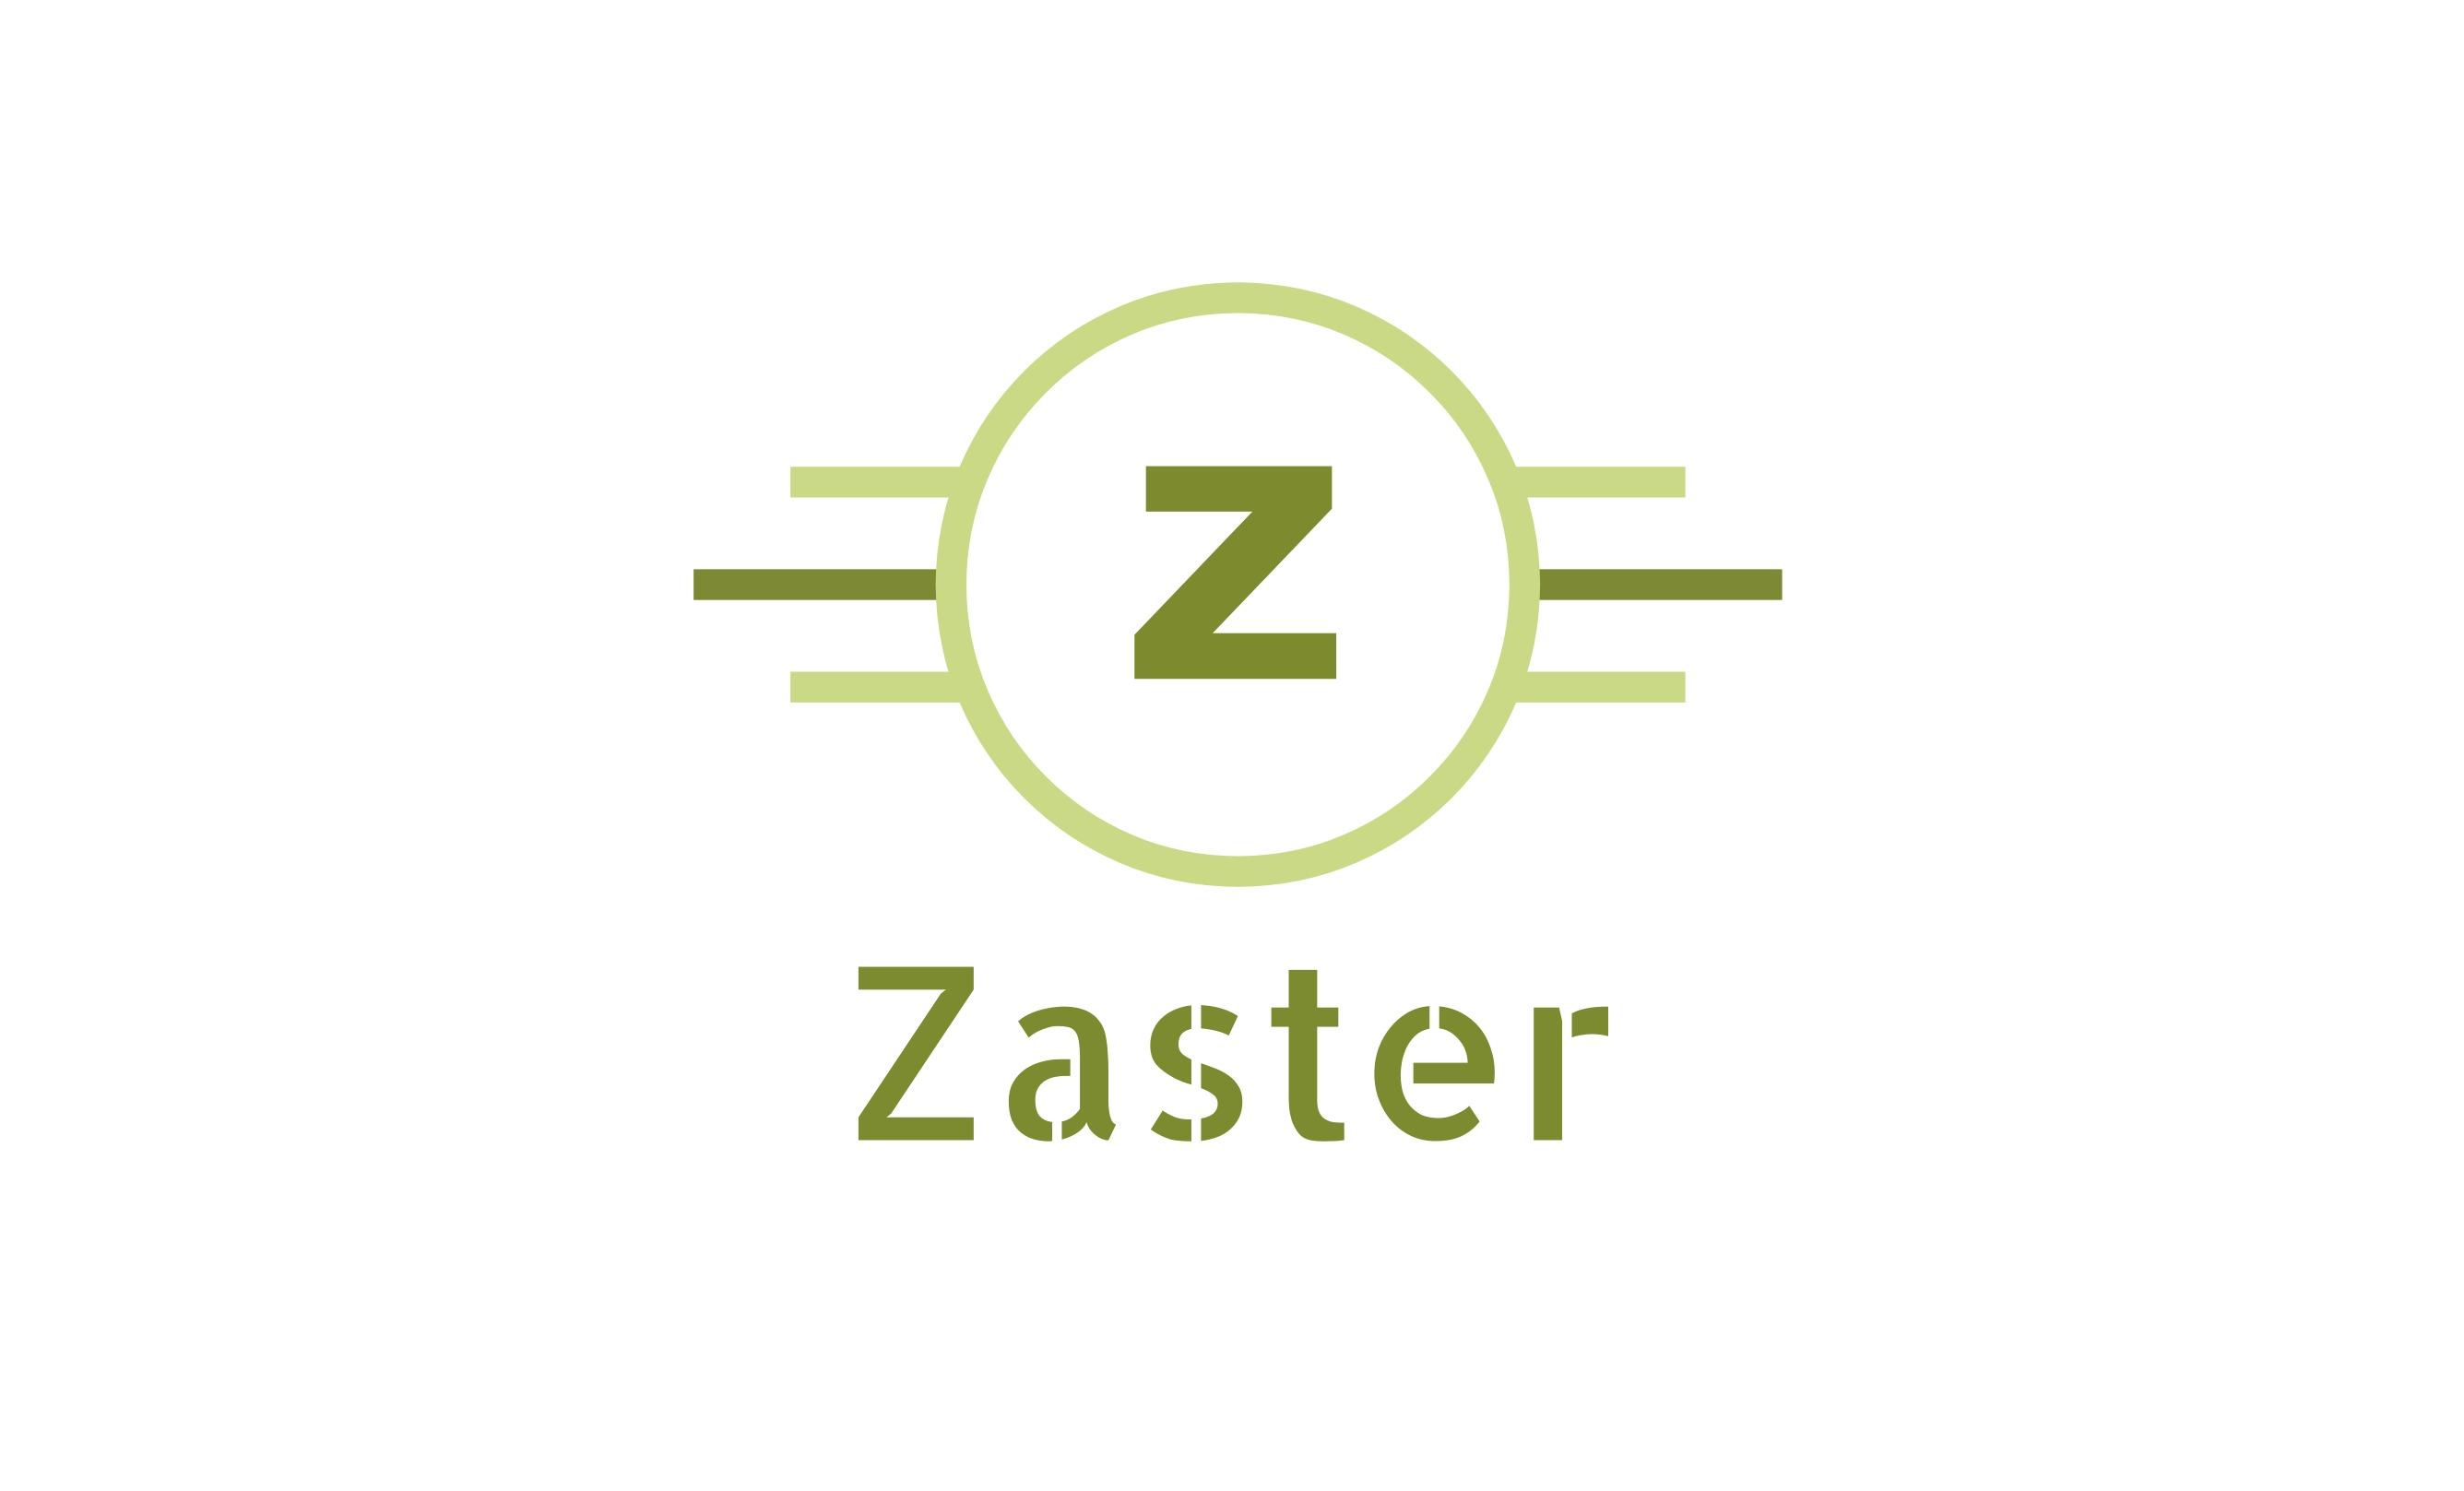 Zaster